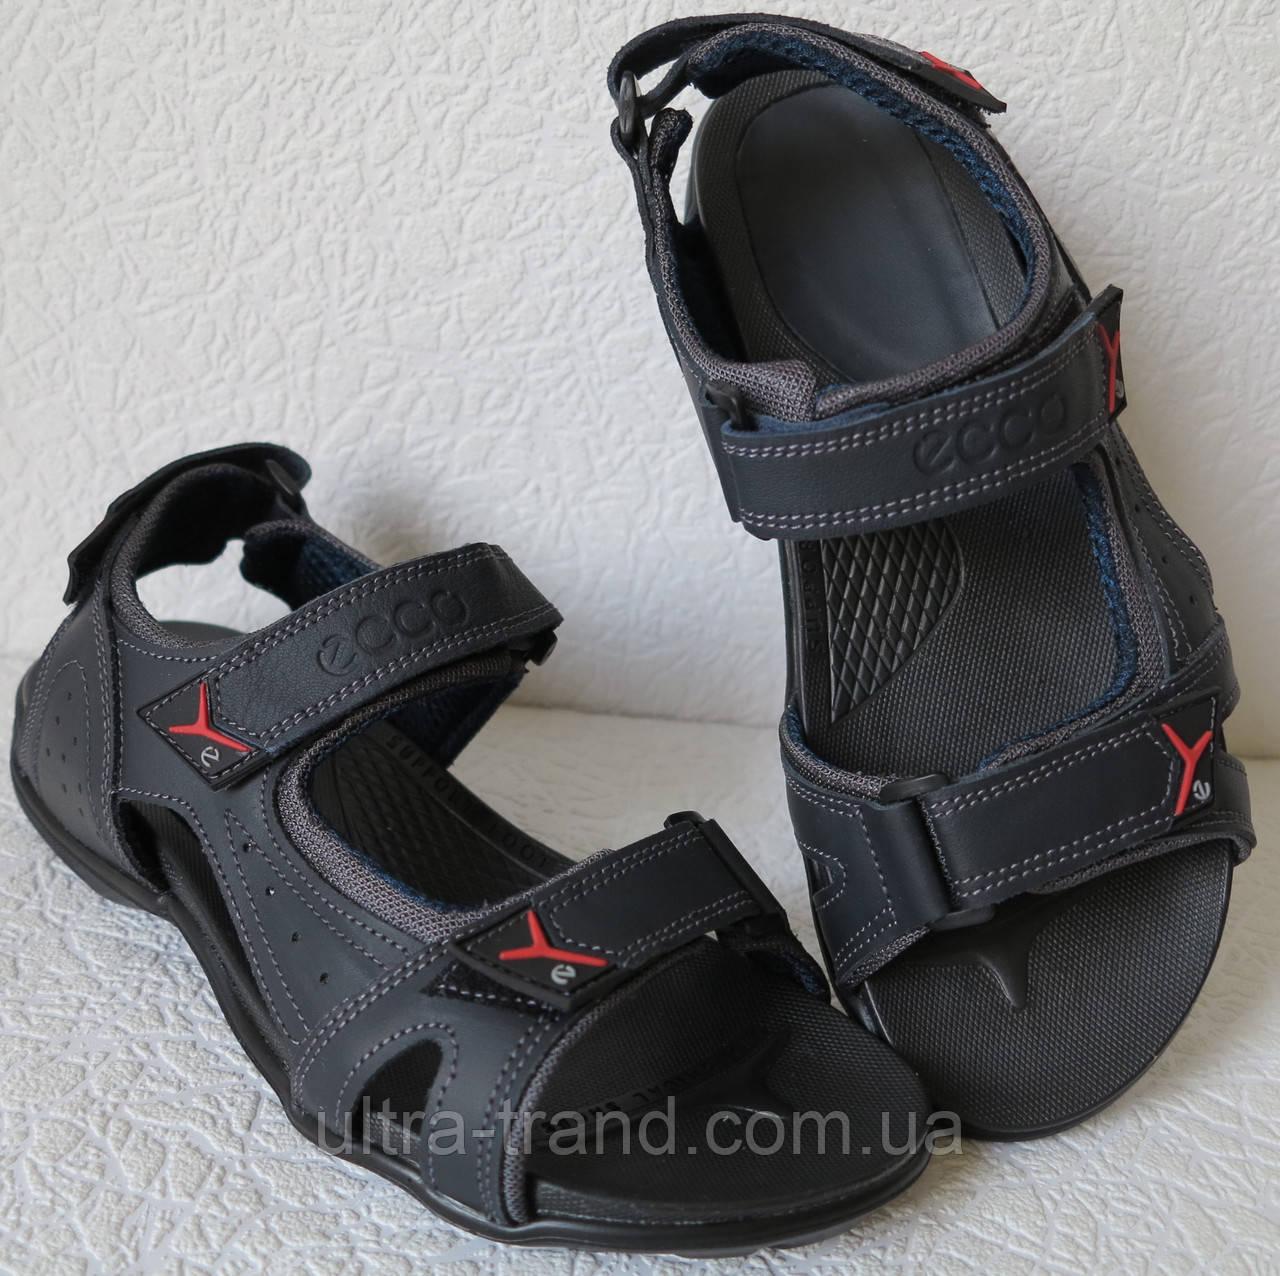 bac4632ccbd0f2 Ессо biom! Мужские сандалии синяя кожа качественная реплика босоножки Экко  биом - Интернет магазин Ultra